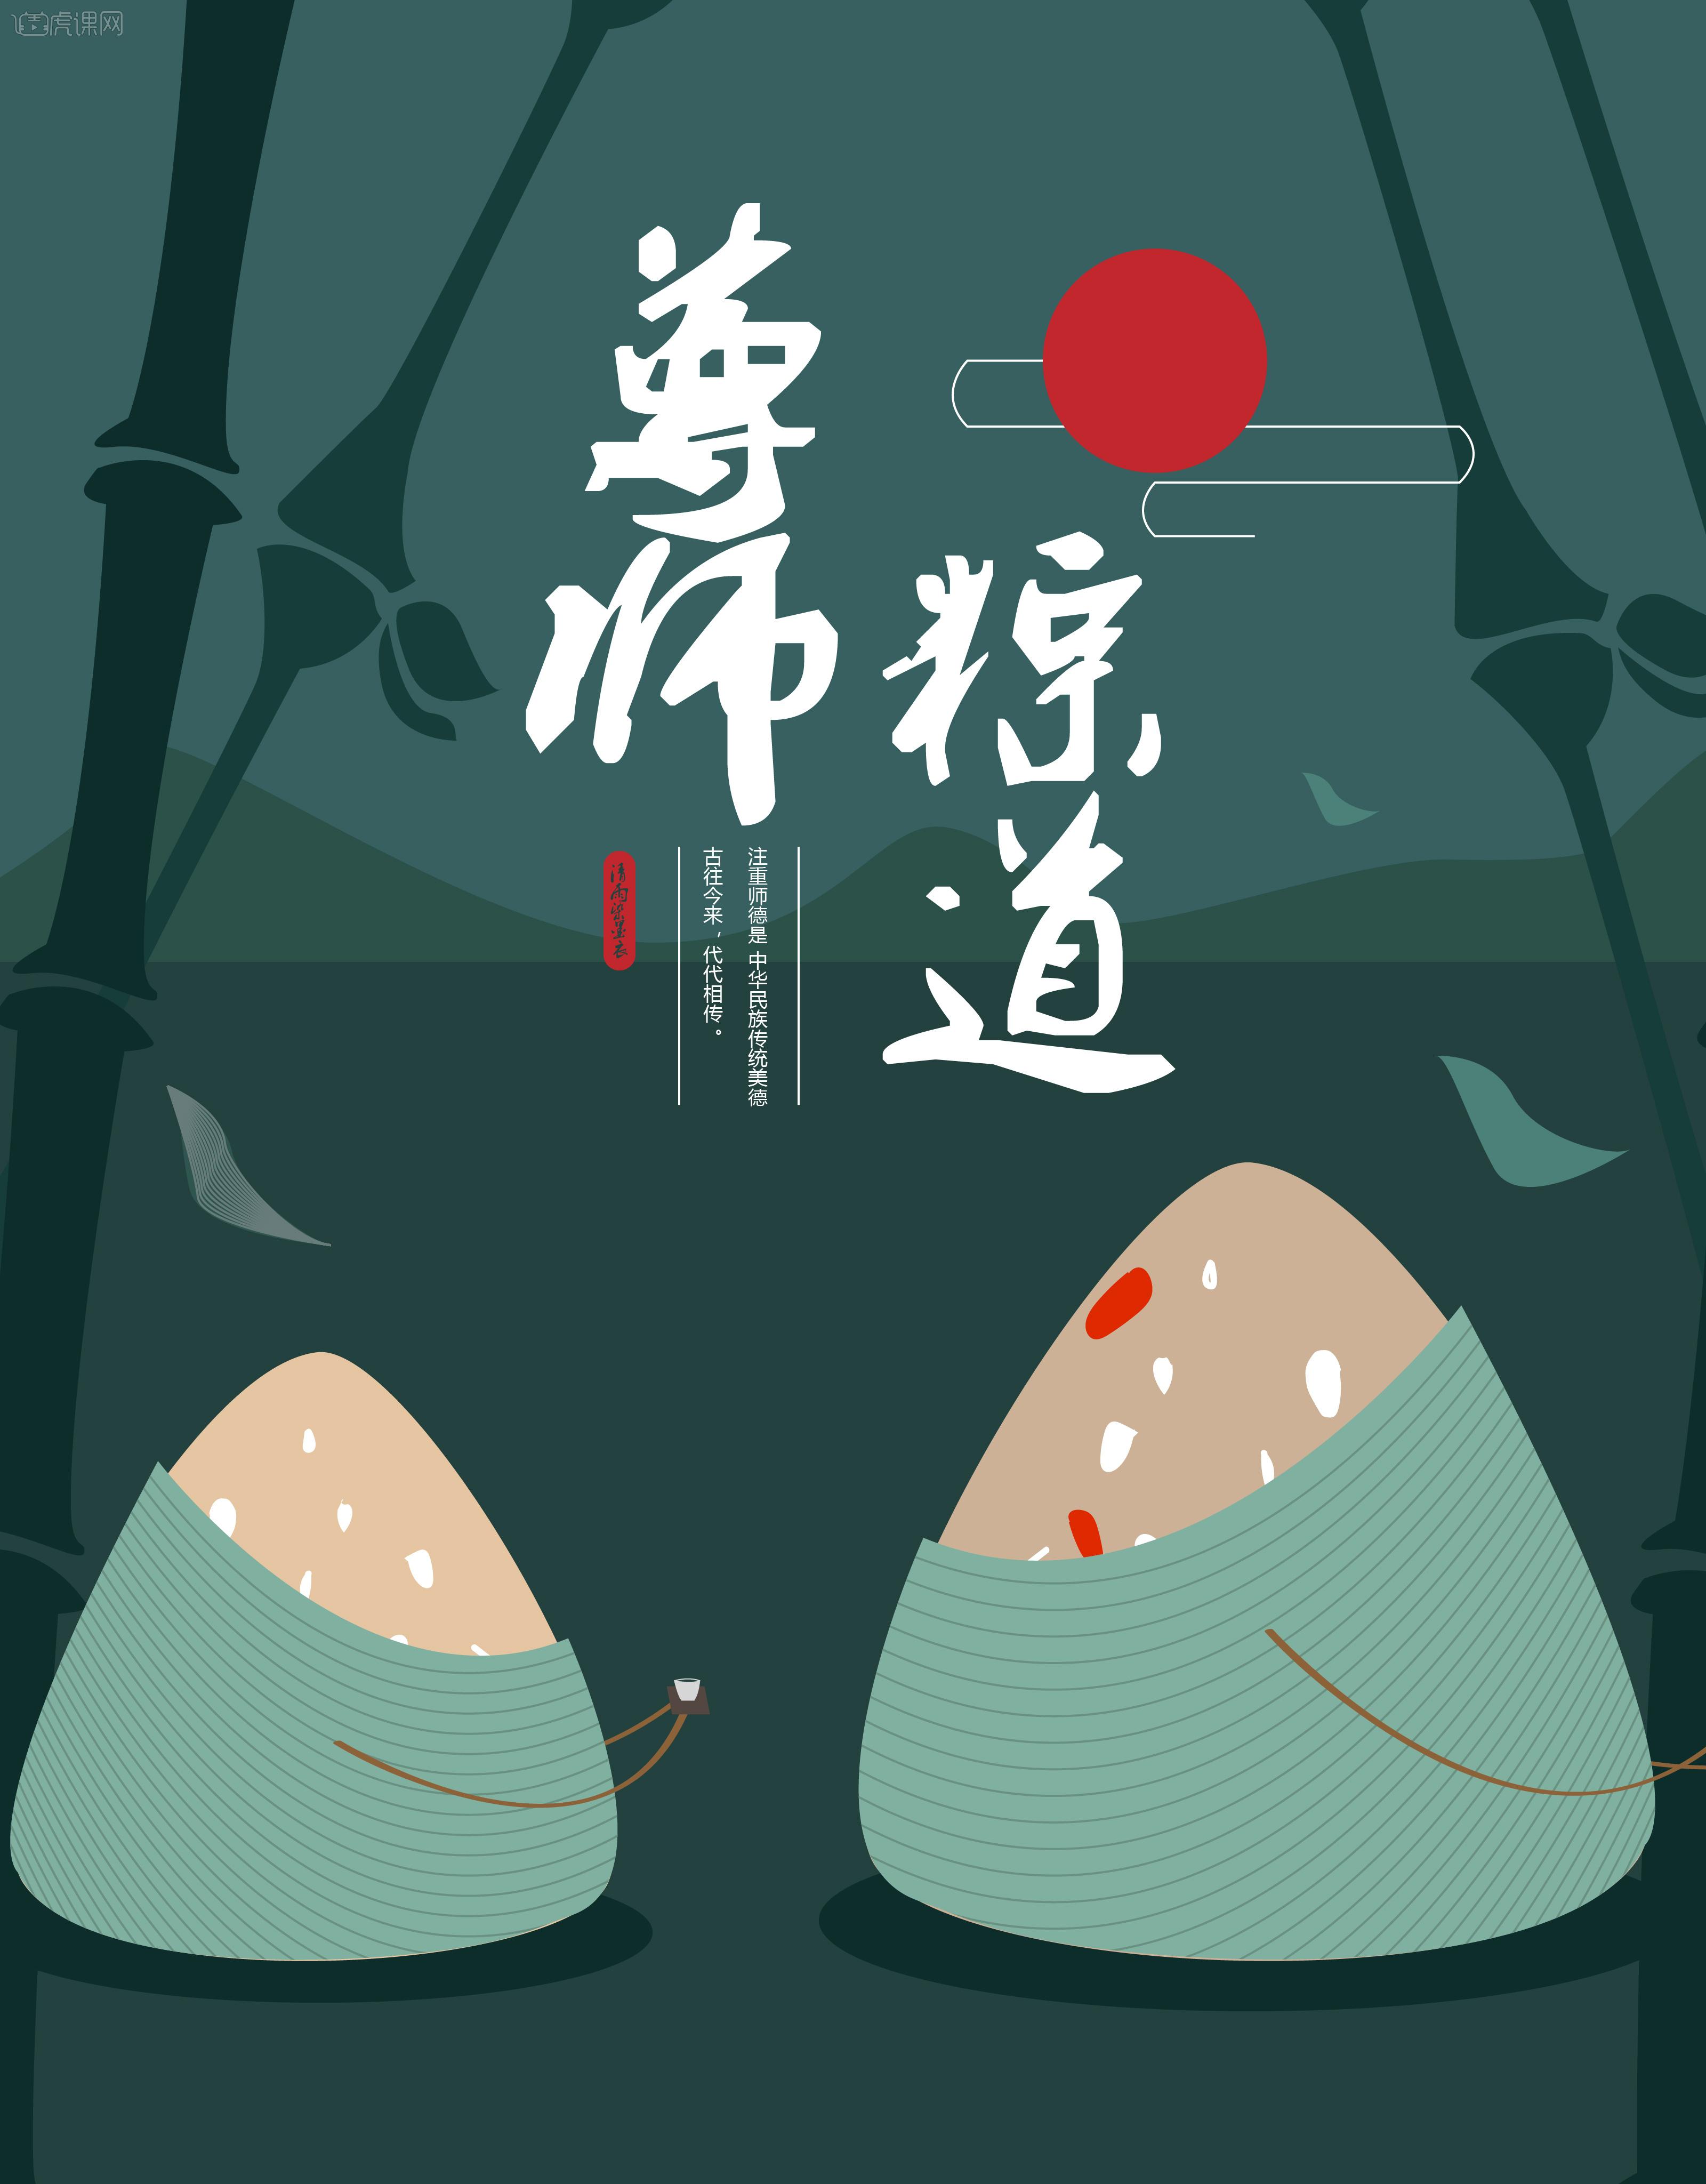 """ai-粽情粽义端午节鼠绘创意海报 尊师""""粽""""道  快给好友分享吧~分享: 4"""